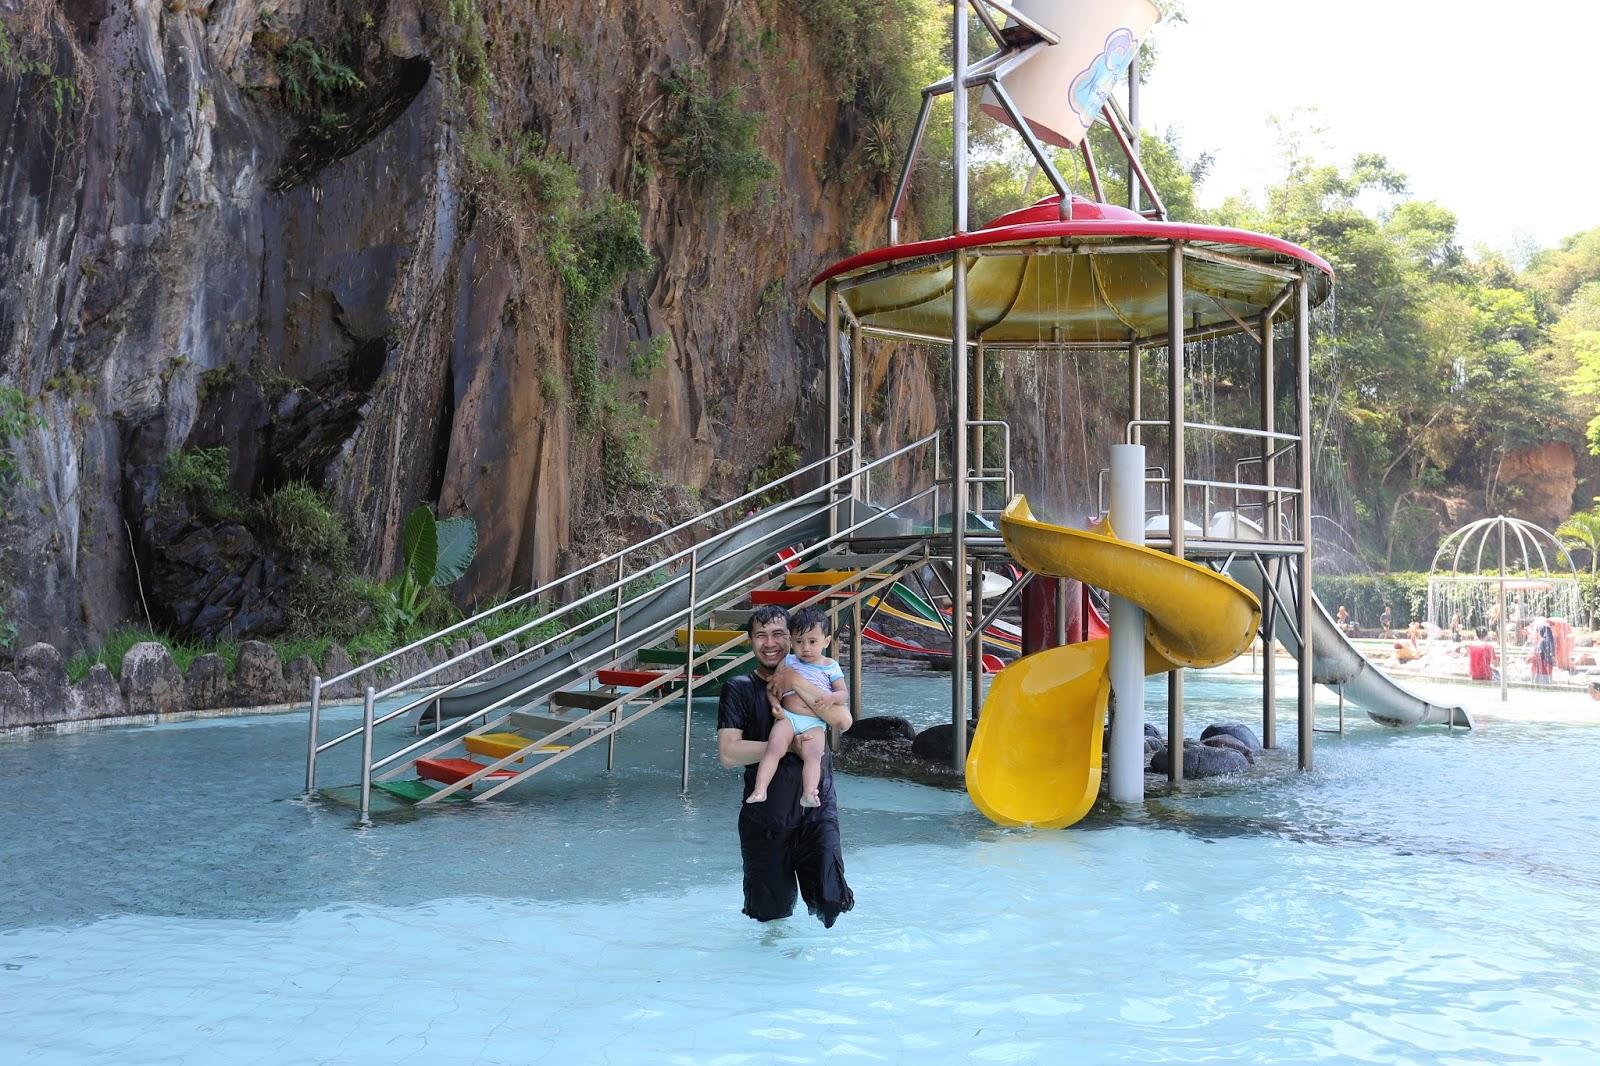 Prajnadaksini Main Pesona Nirwana Waterpark Soreang Ember Tumpah Tapi Shoot